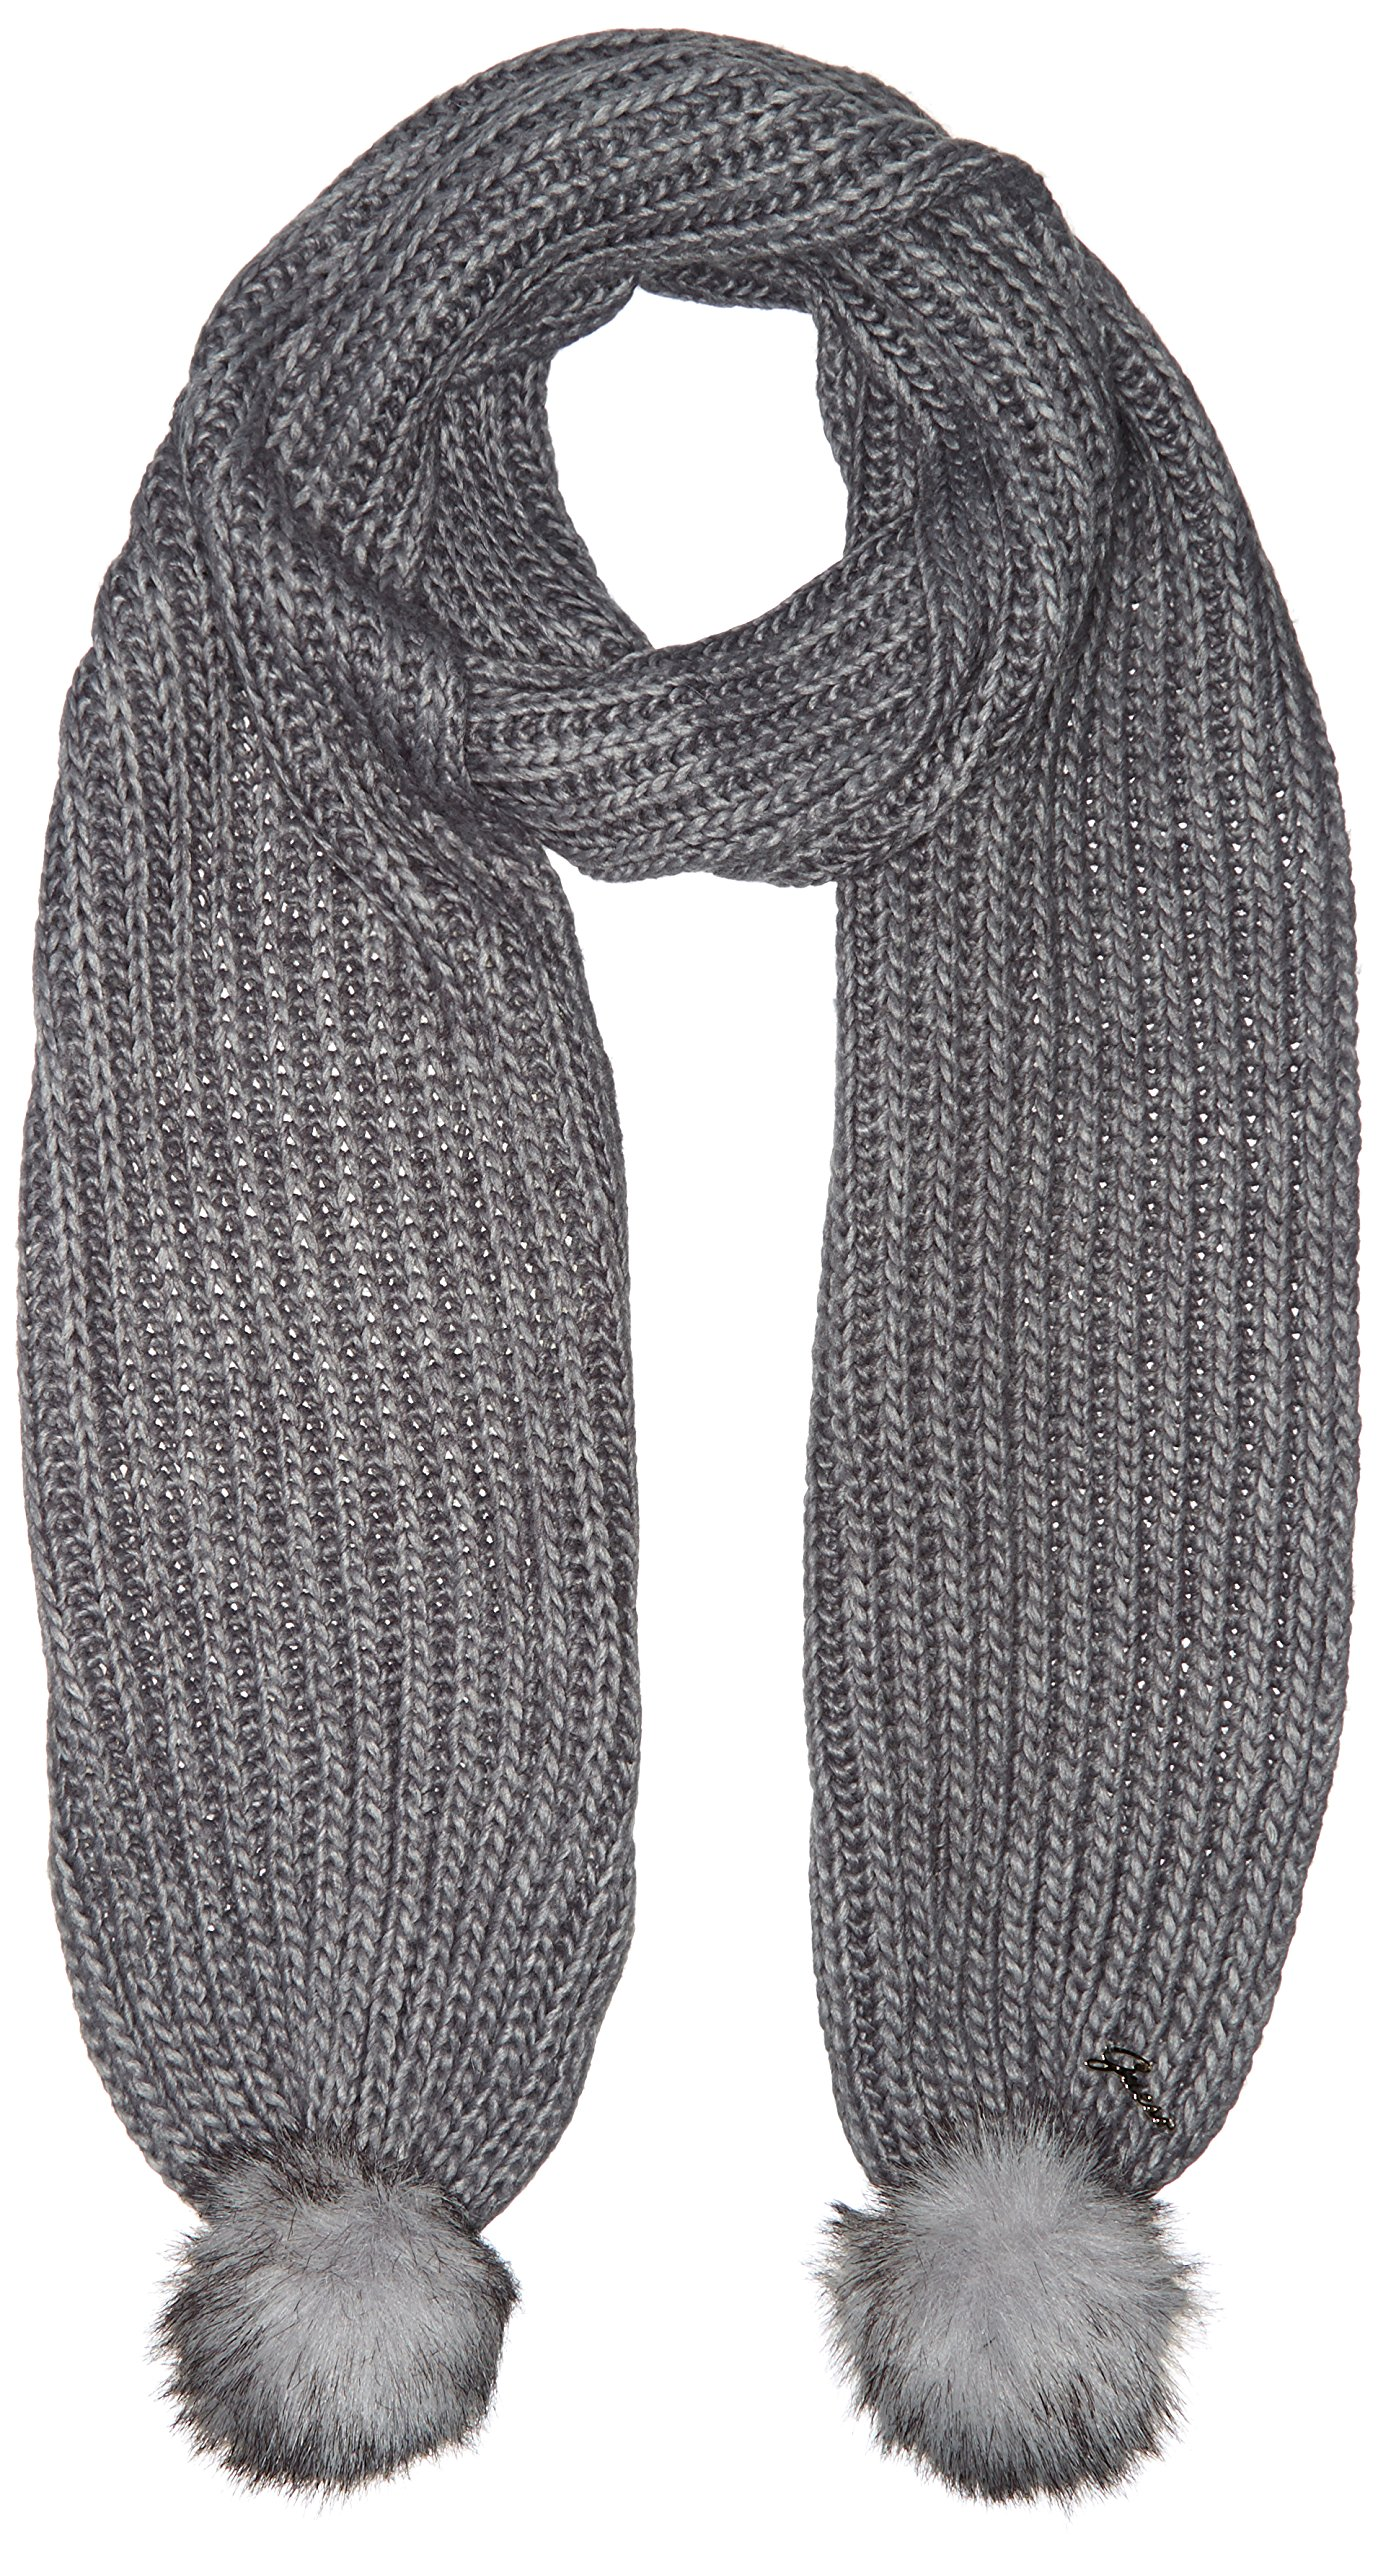 GUESS, NOT COORDINATED SCARF - AW6343WOL03 - Sciarpa da donna, colore gry grey, taglia Taglia unica